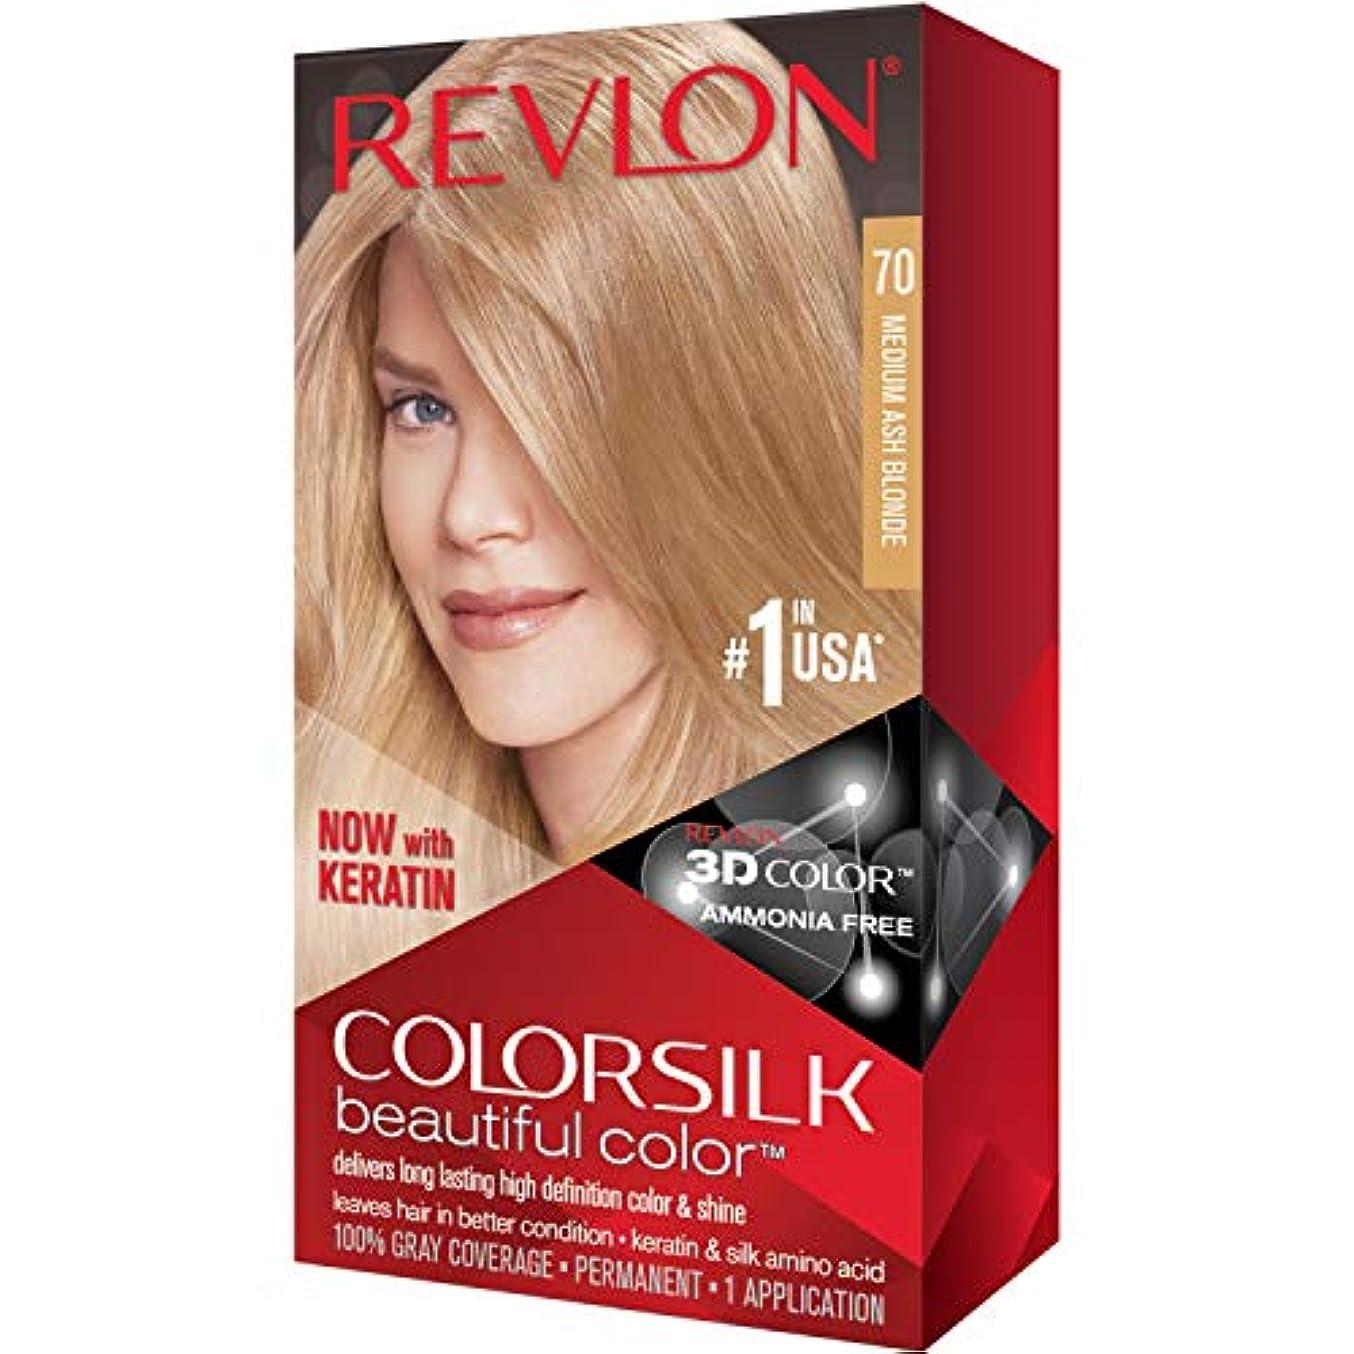 ビームのり印象カラーシルクヘアカラー #70 ミディアムアッシュブロンド 7A (並行輸入品)